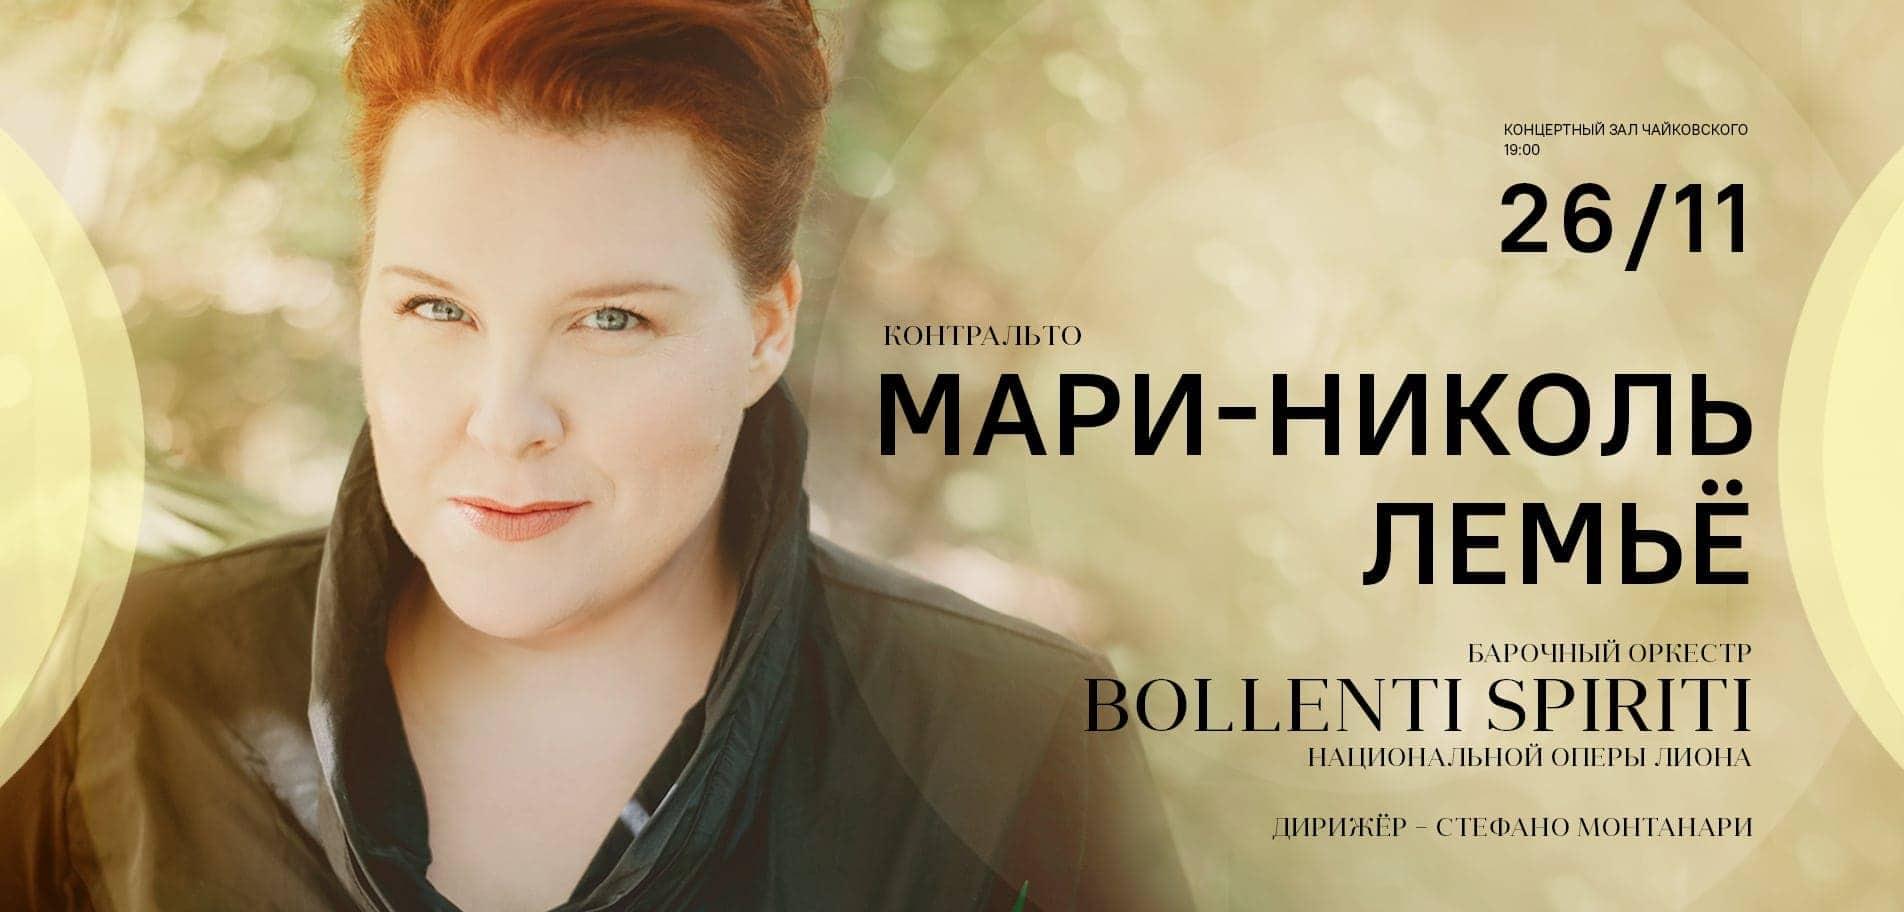 Концерт певицы Мари-Николь Лемьё в сопровождении ансамбля «I Bollenti Spiriti» под управлением Стефано Монтанари